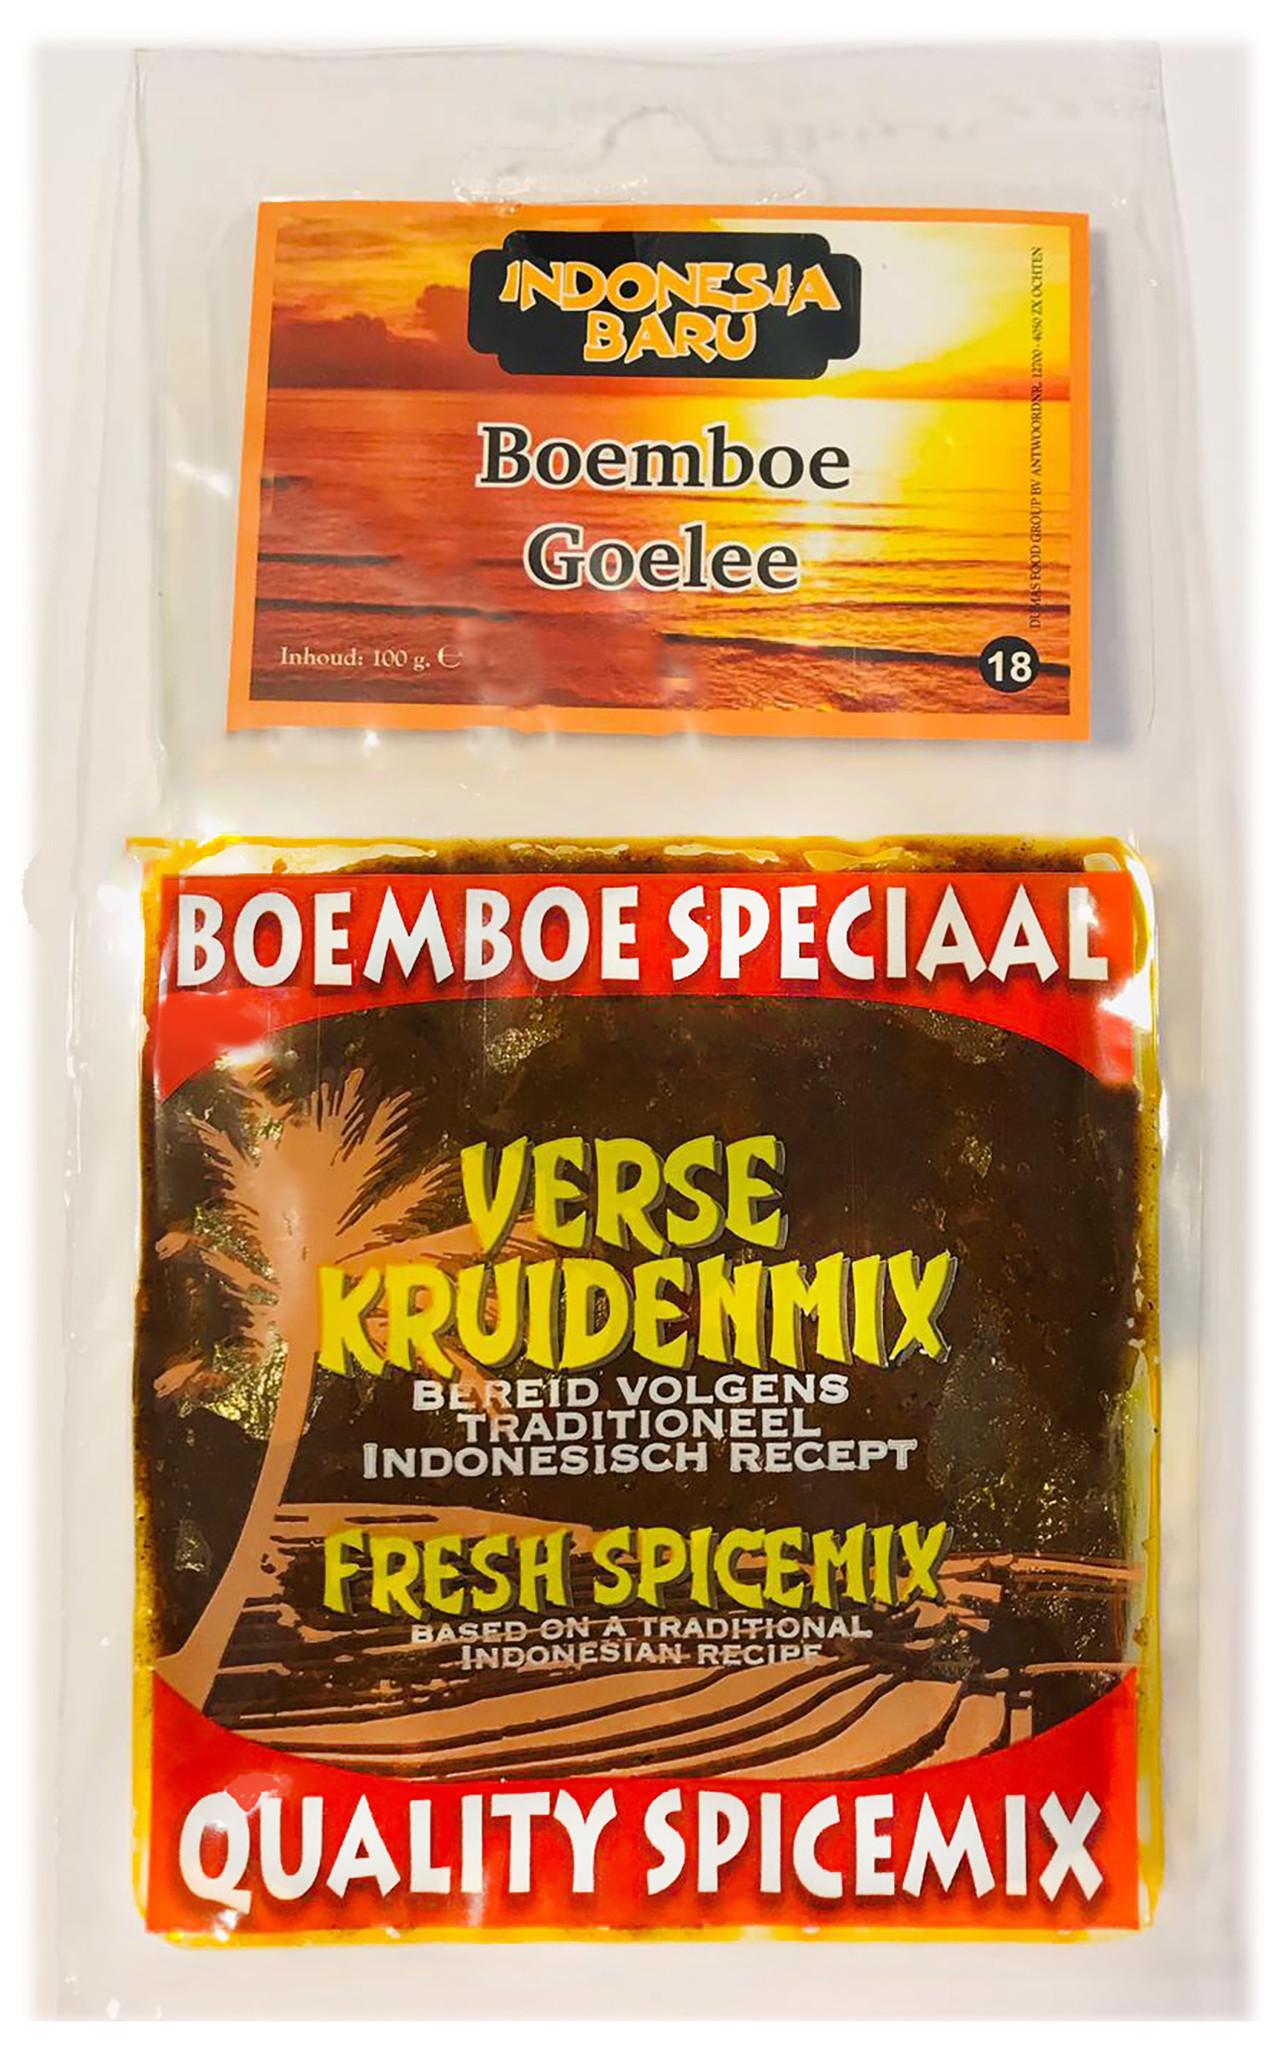 Boemboe Goelee